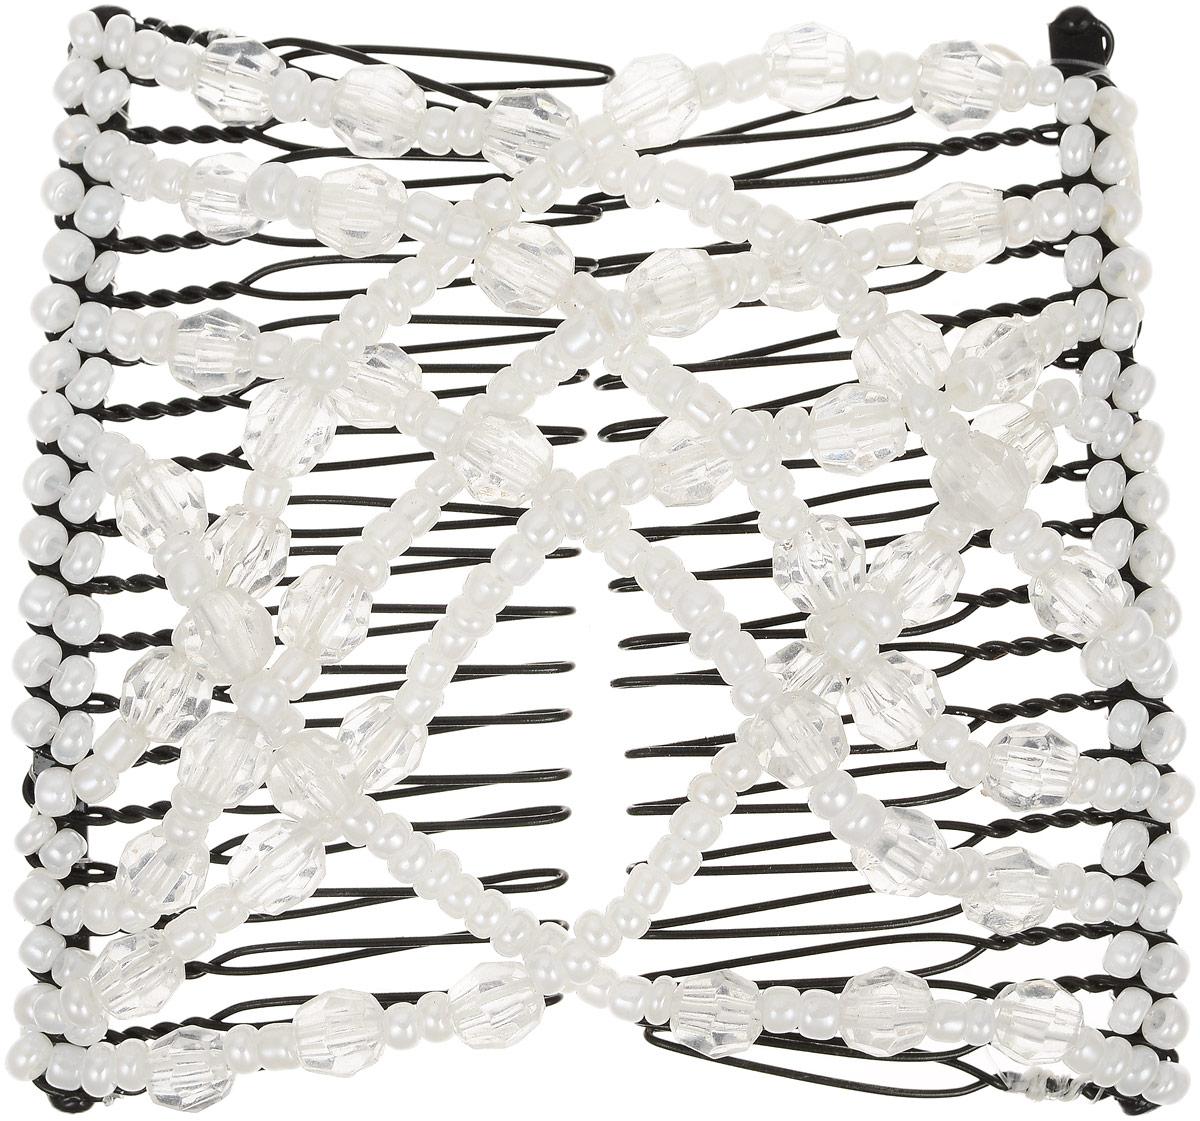 EZ-Combs Заколка Изи-Комбс, одинарная, цвет: белый, прозрачный. ЗИО ez combs заколка изи комбс одинарная цвет коричневый зио сердечки